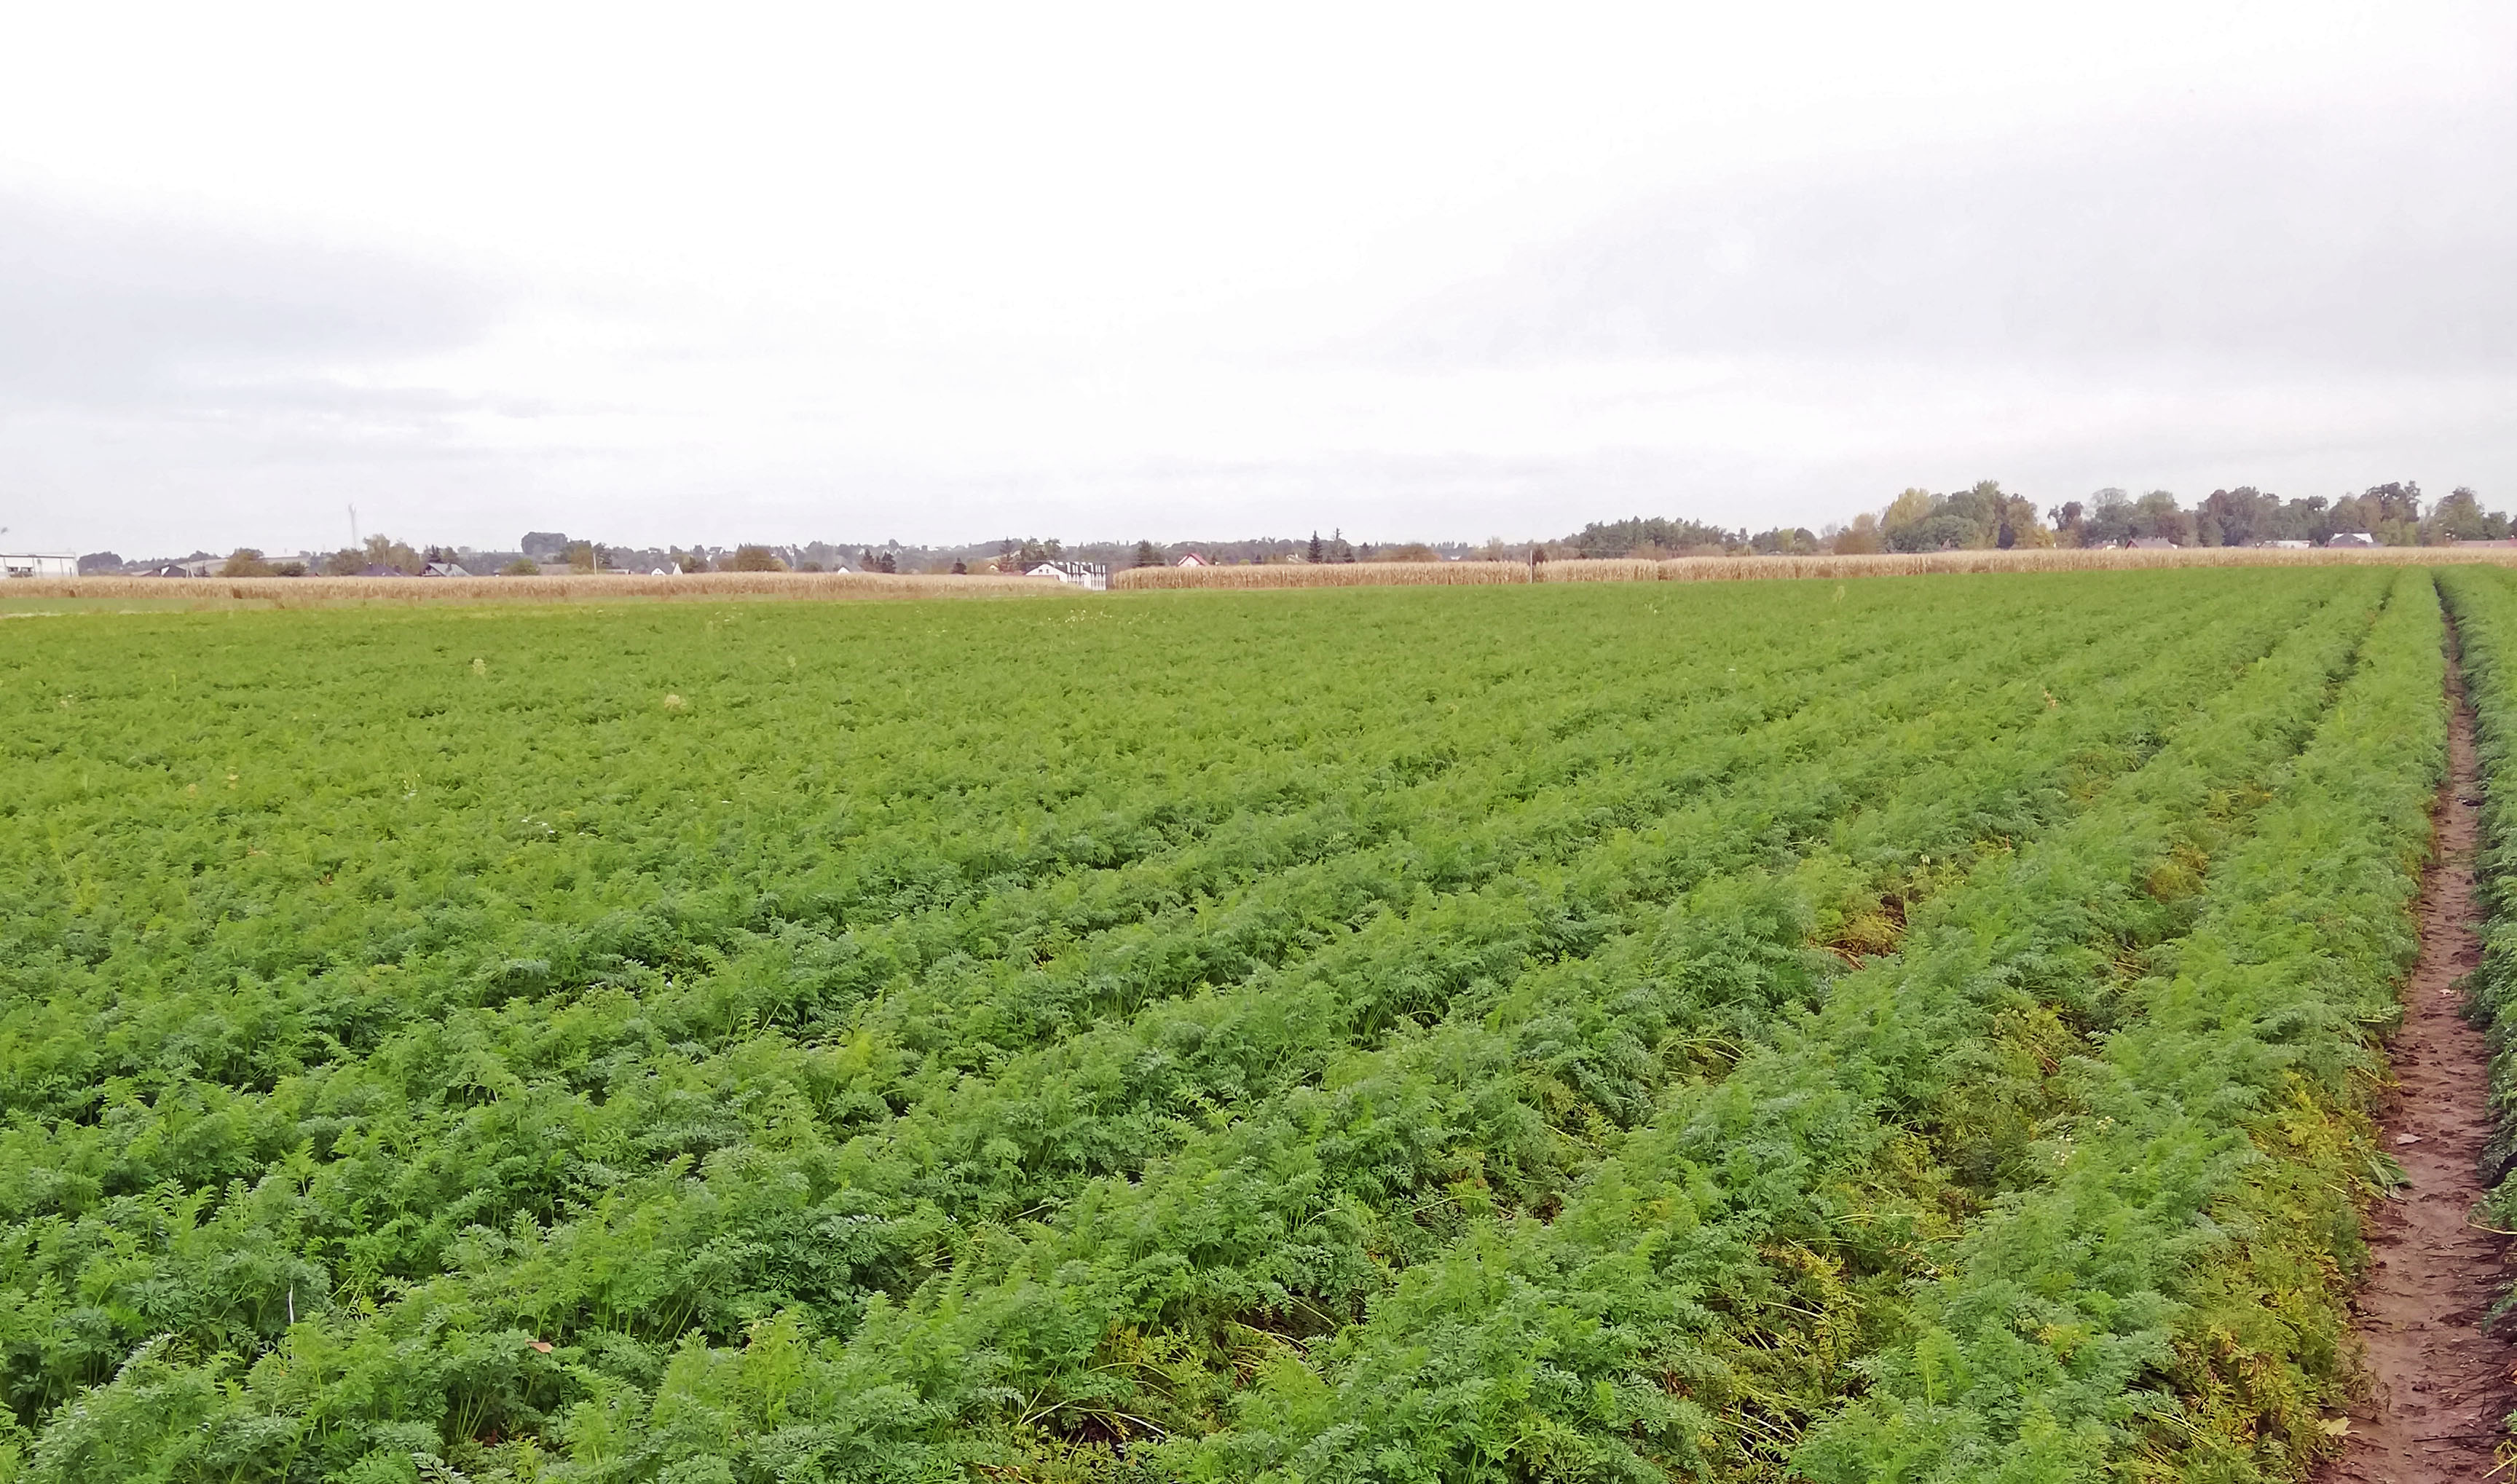 Ograniczenie chorób i szkodników warzyw korzeniowych i ziemniaków